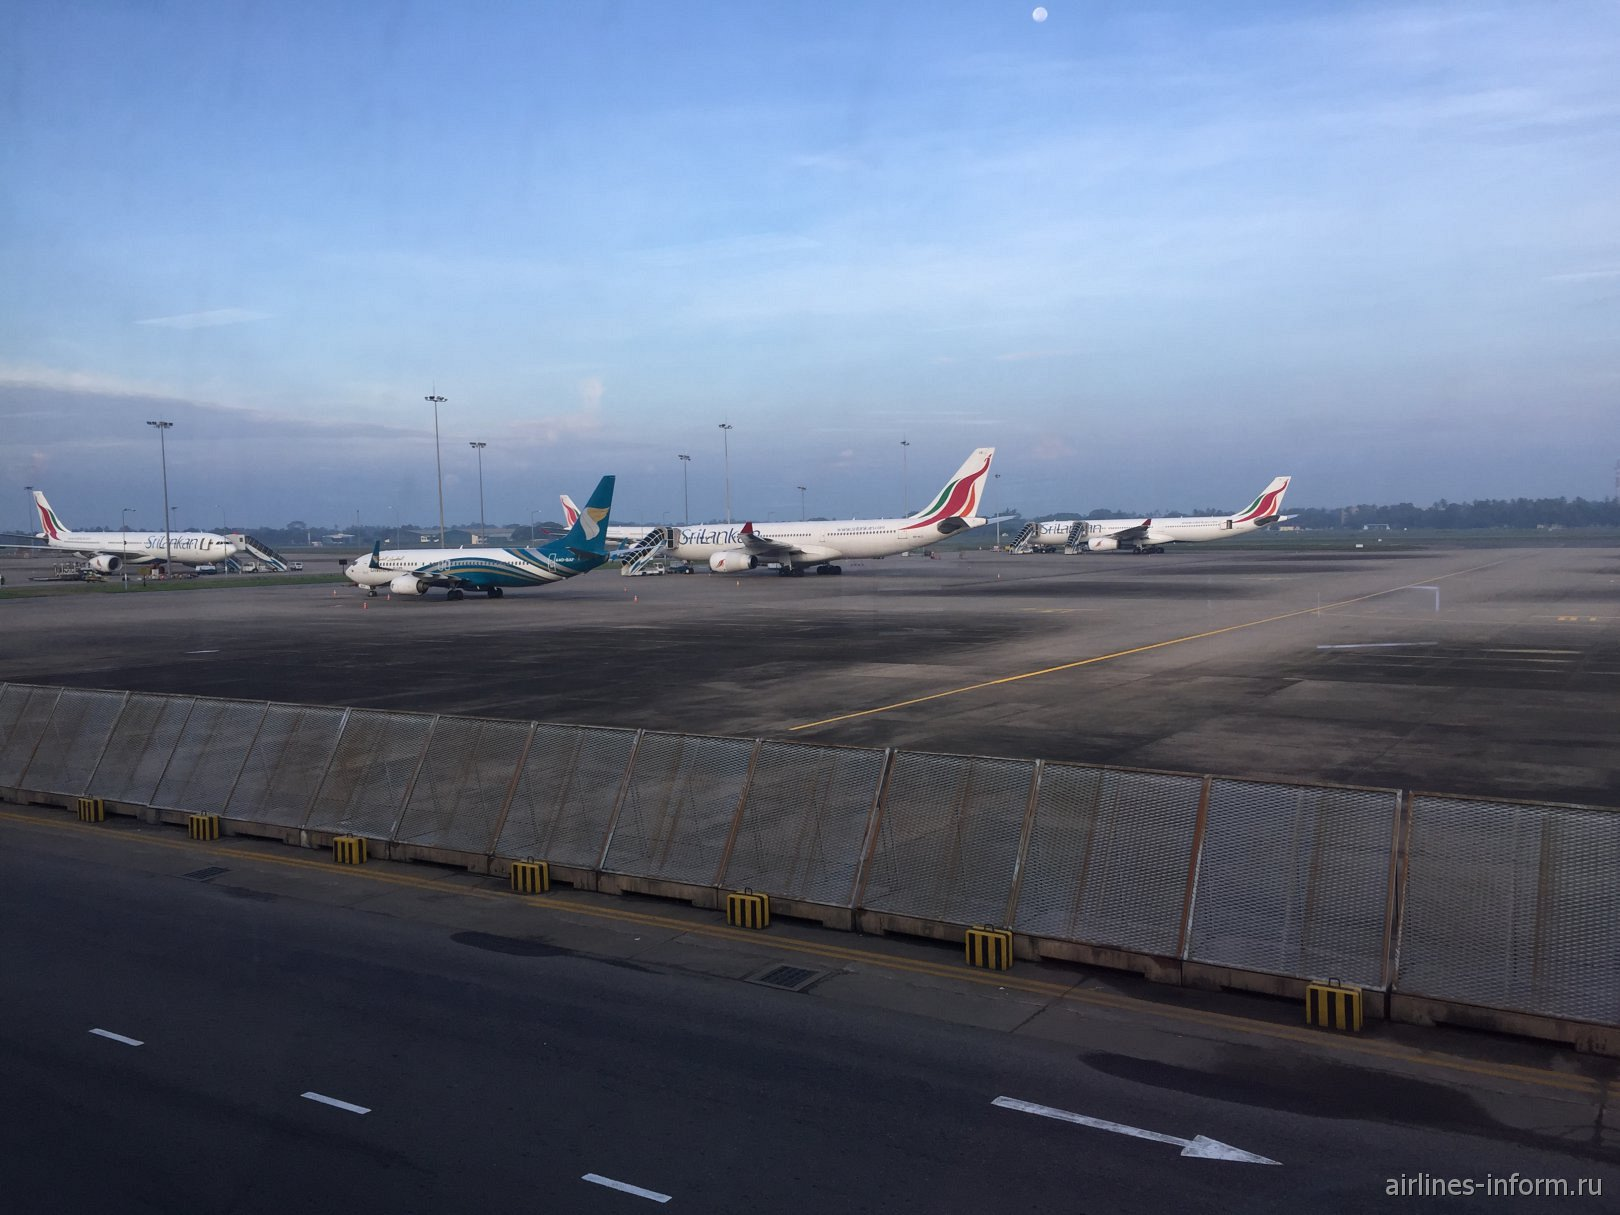 Летное поле аэропорта Коломбо Бандаранайке